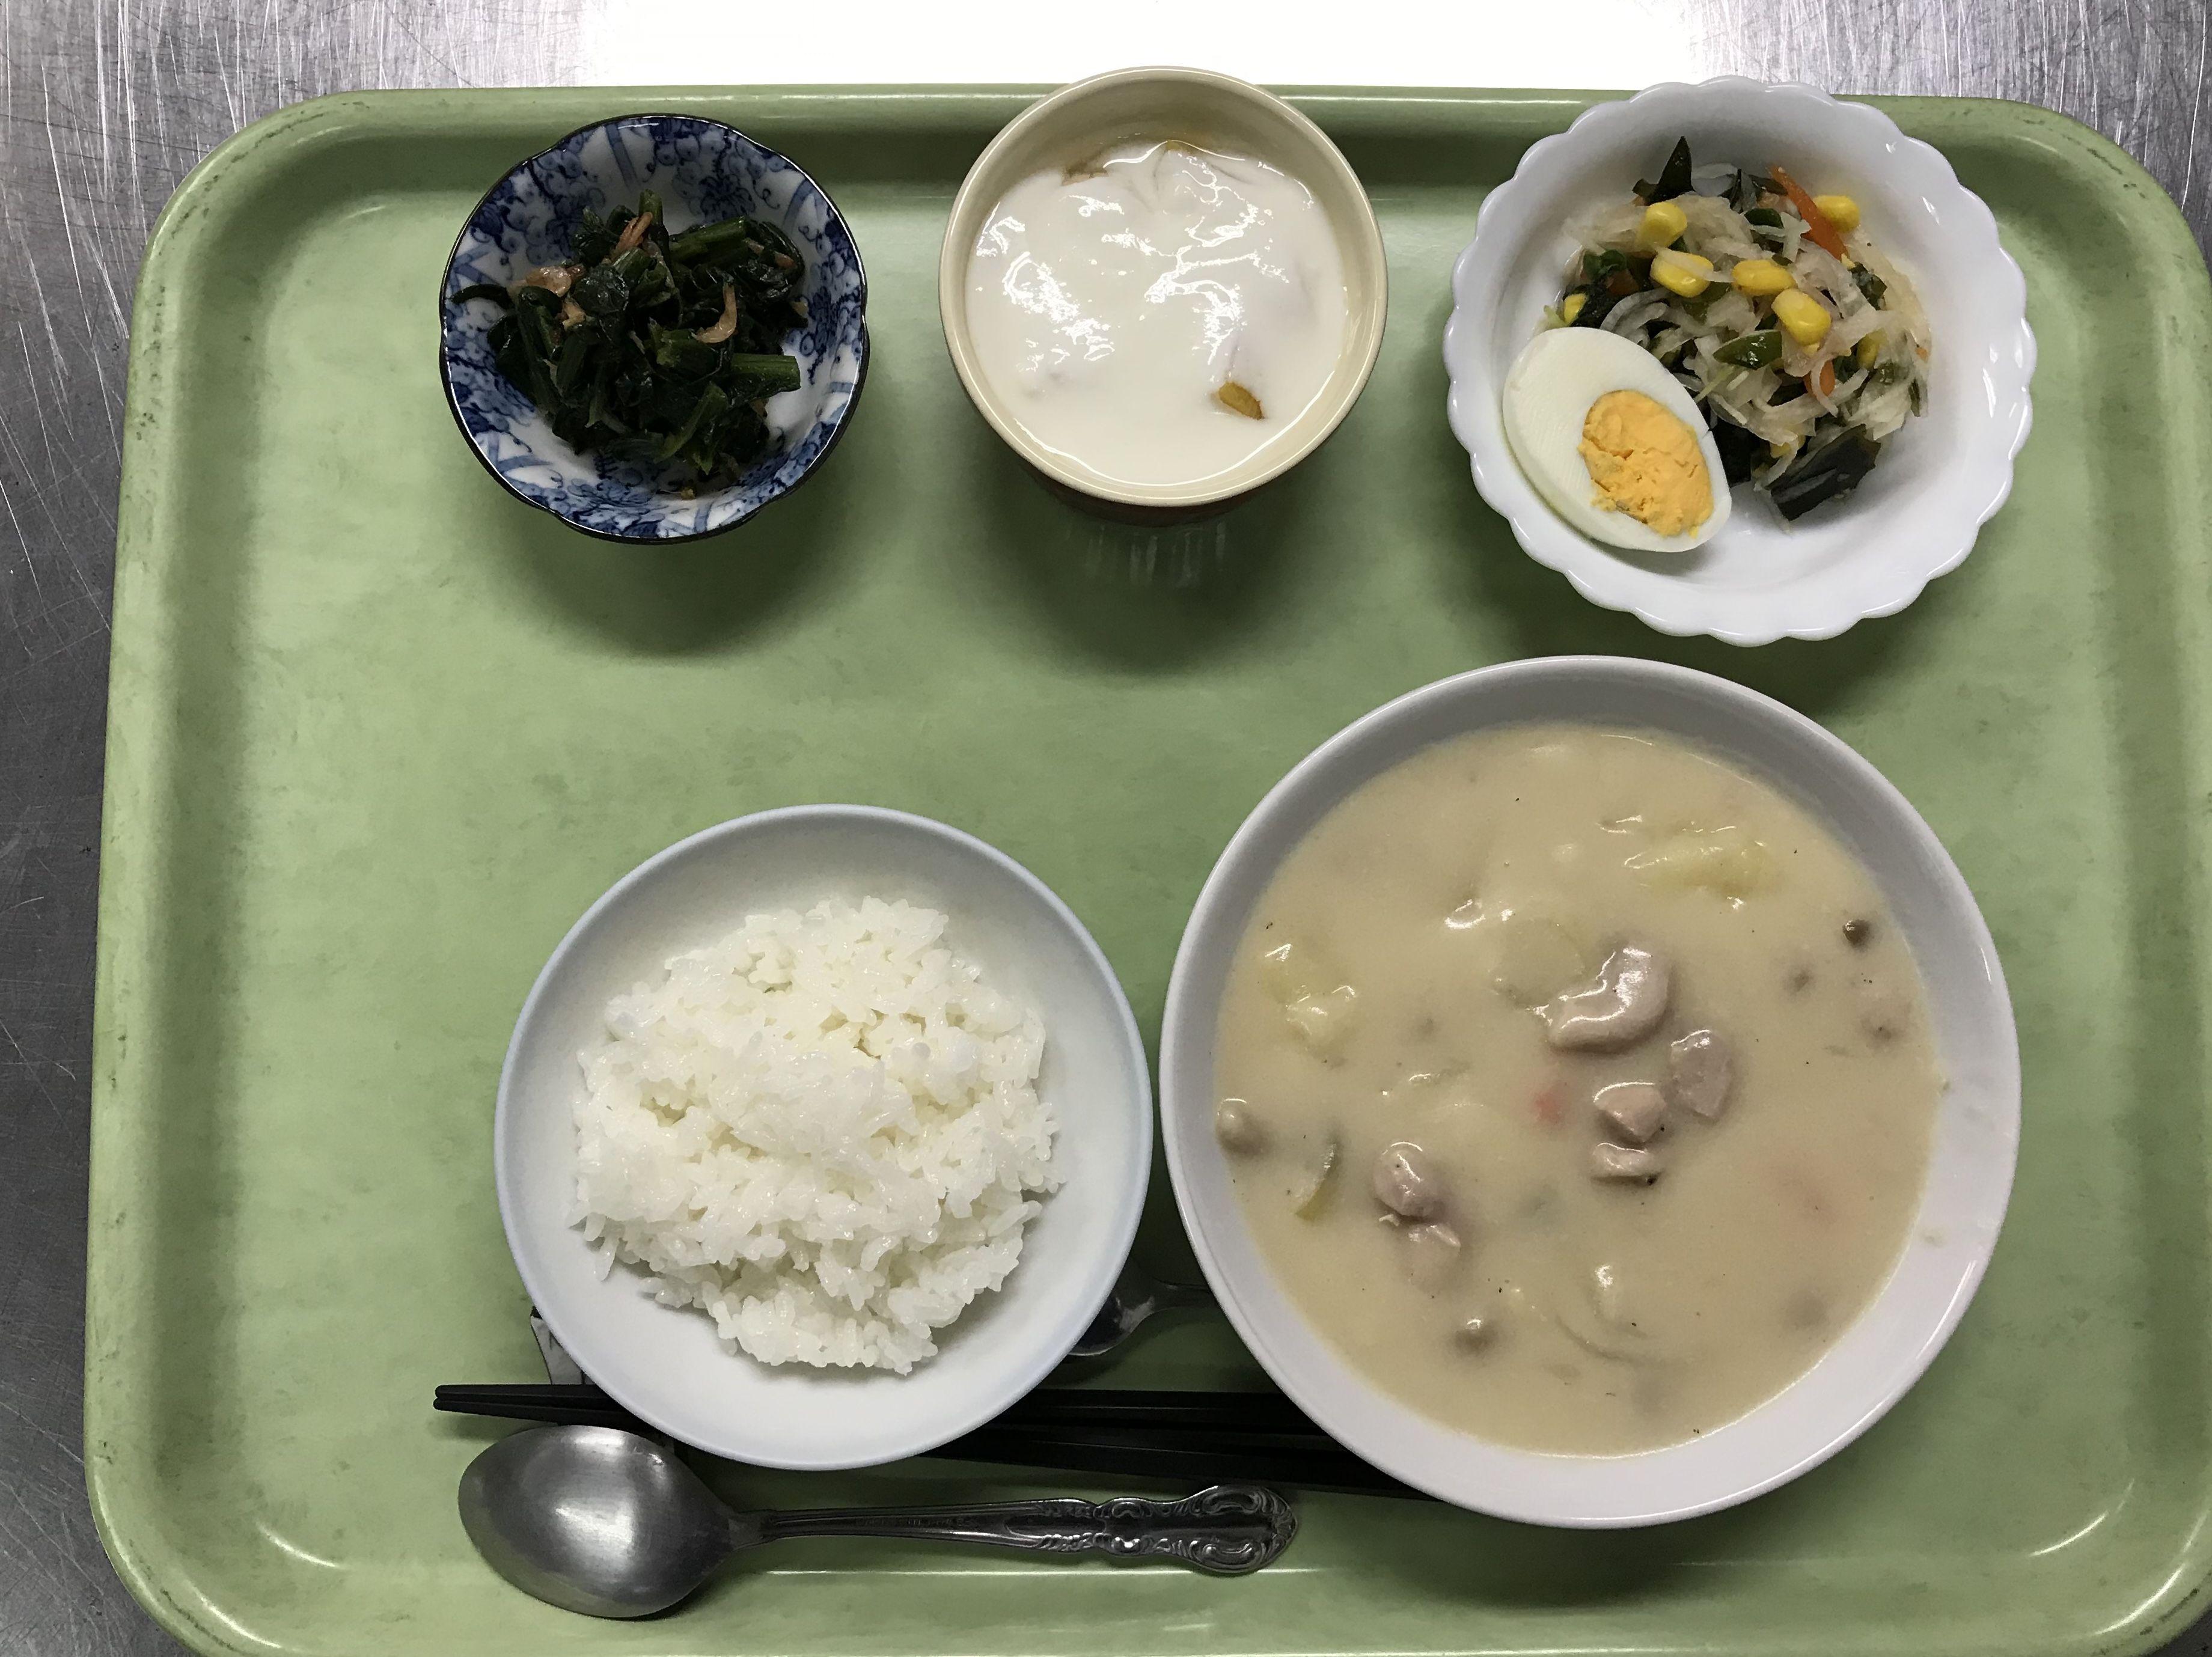 1月31日。鶏のクリームシチュー、桜えびとほうれん草の炒め物、和サラダ、フルーツヨーグルトでした!595カロリーです